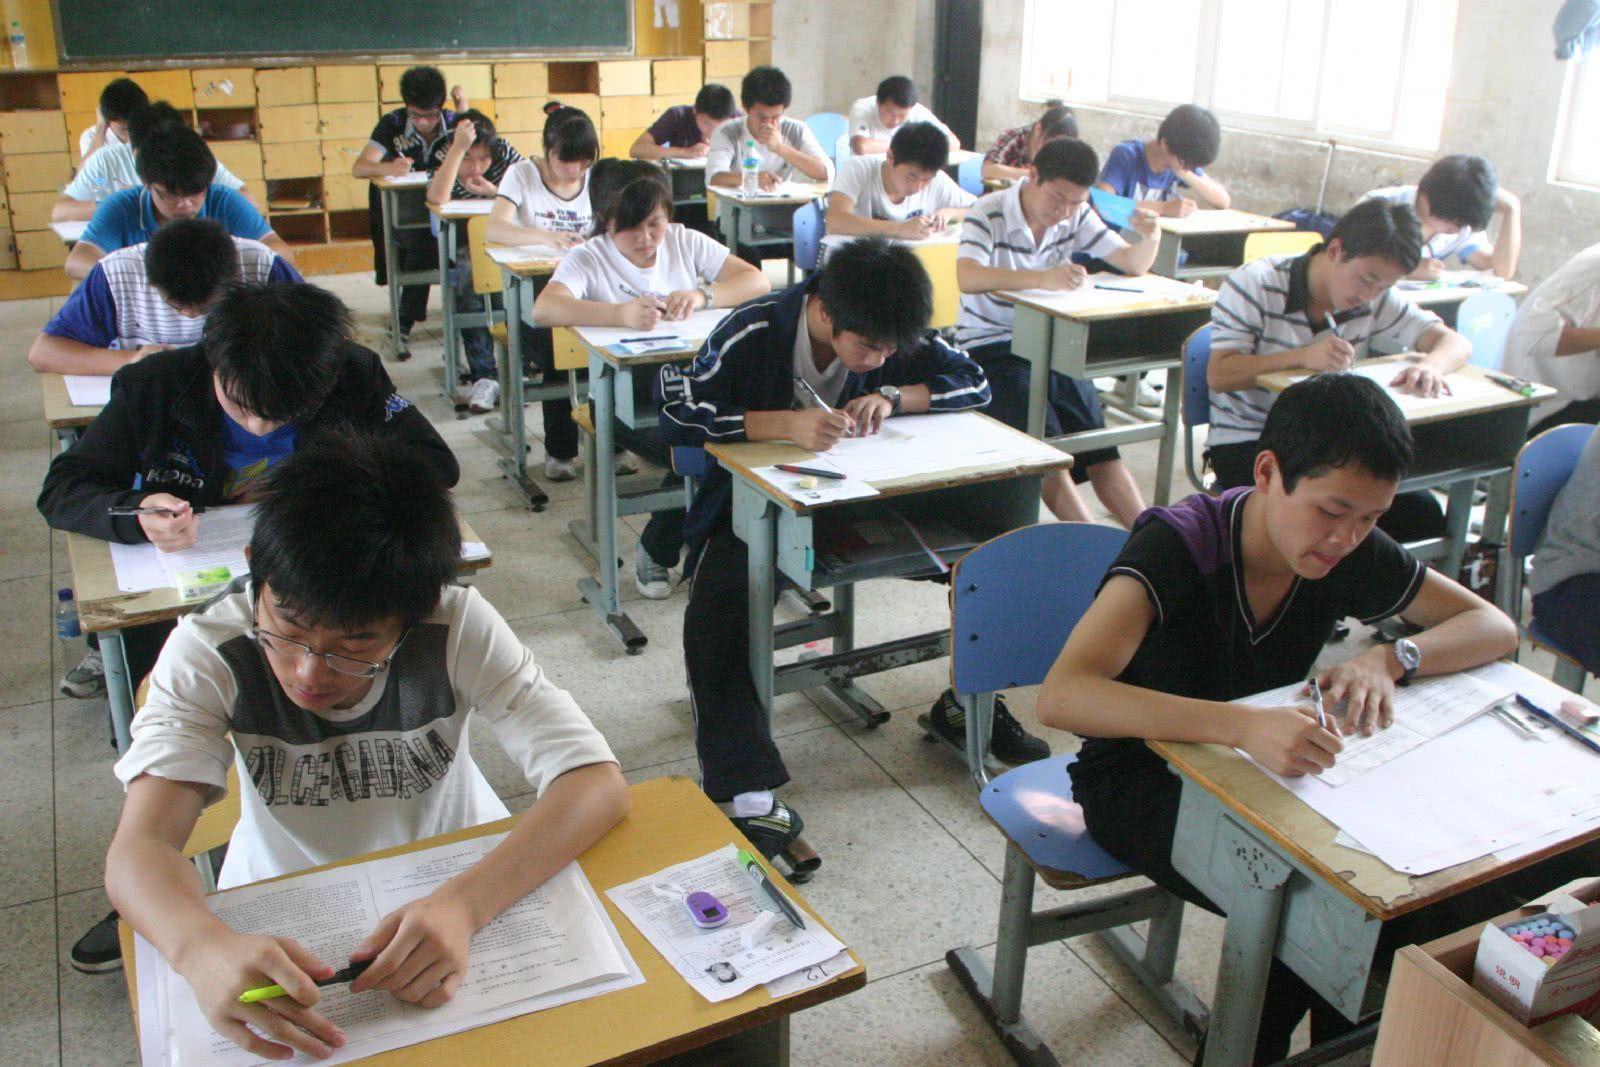 我國最難考的4大考試,高考只能排第3,第一名當之無愧